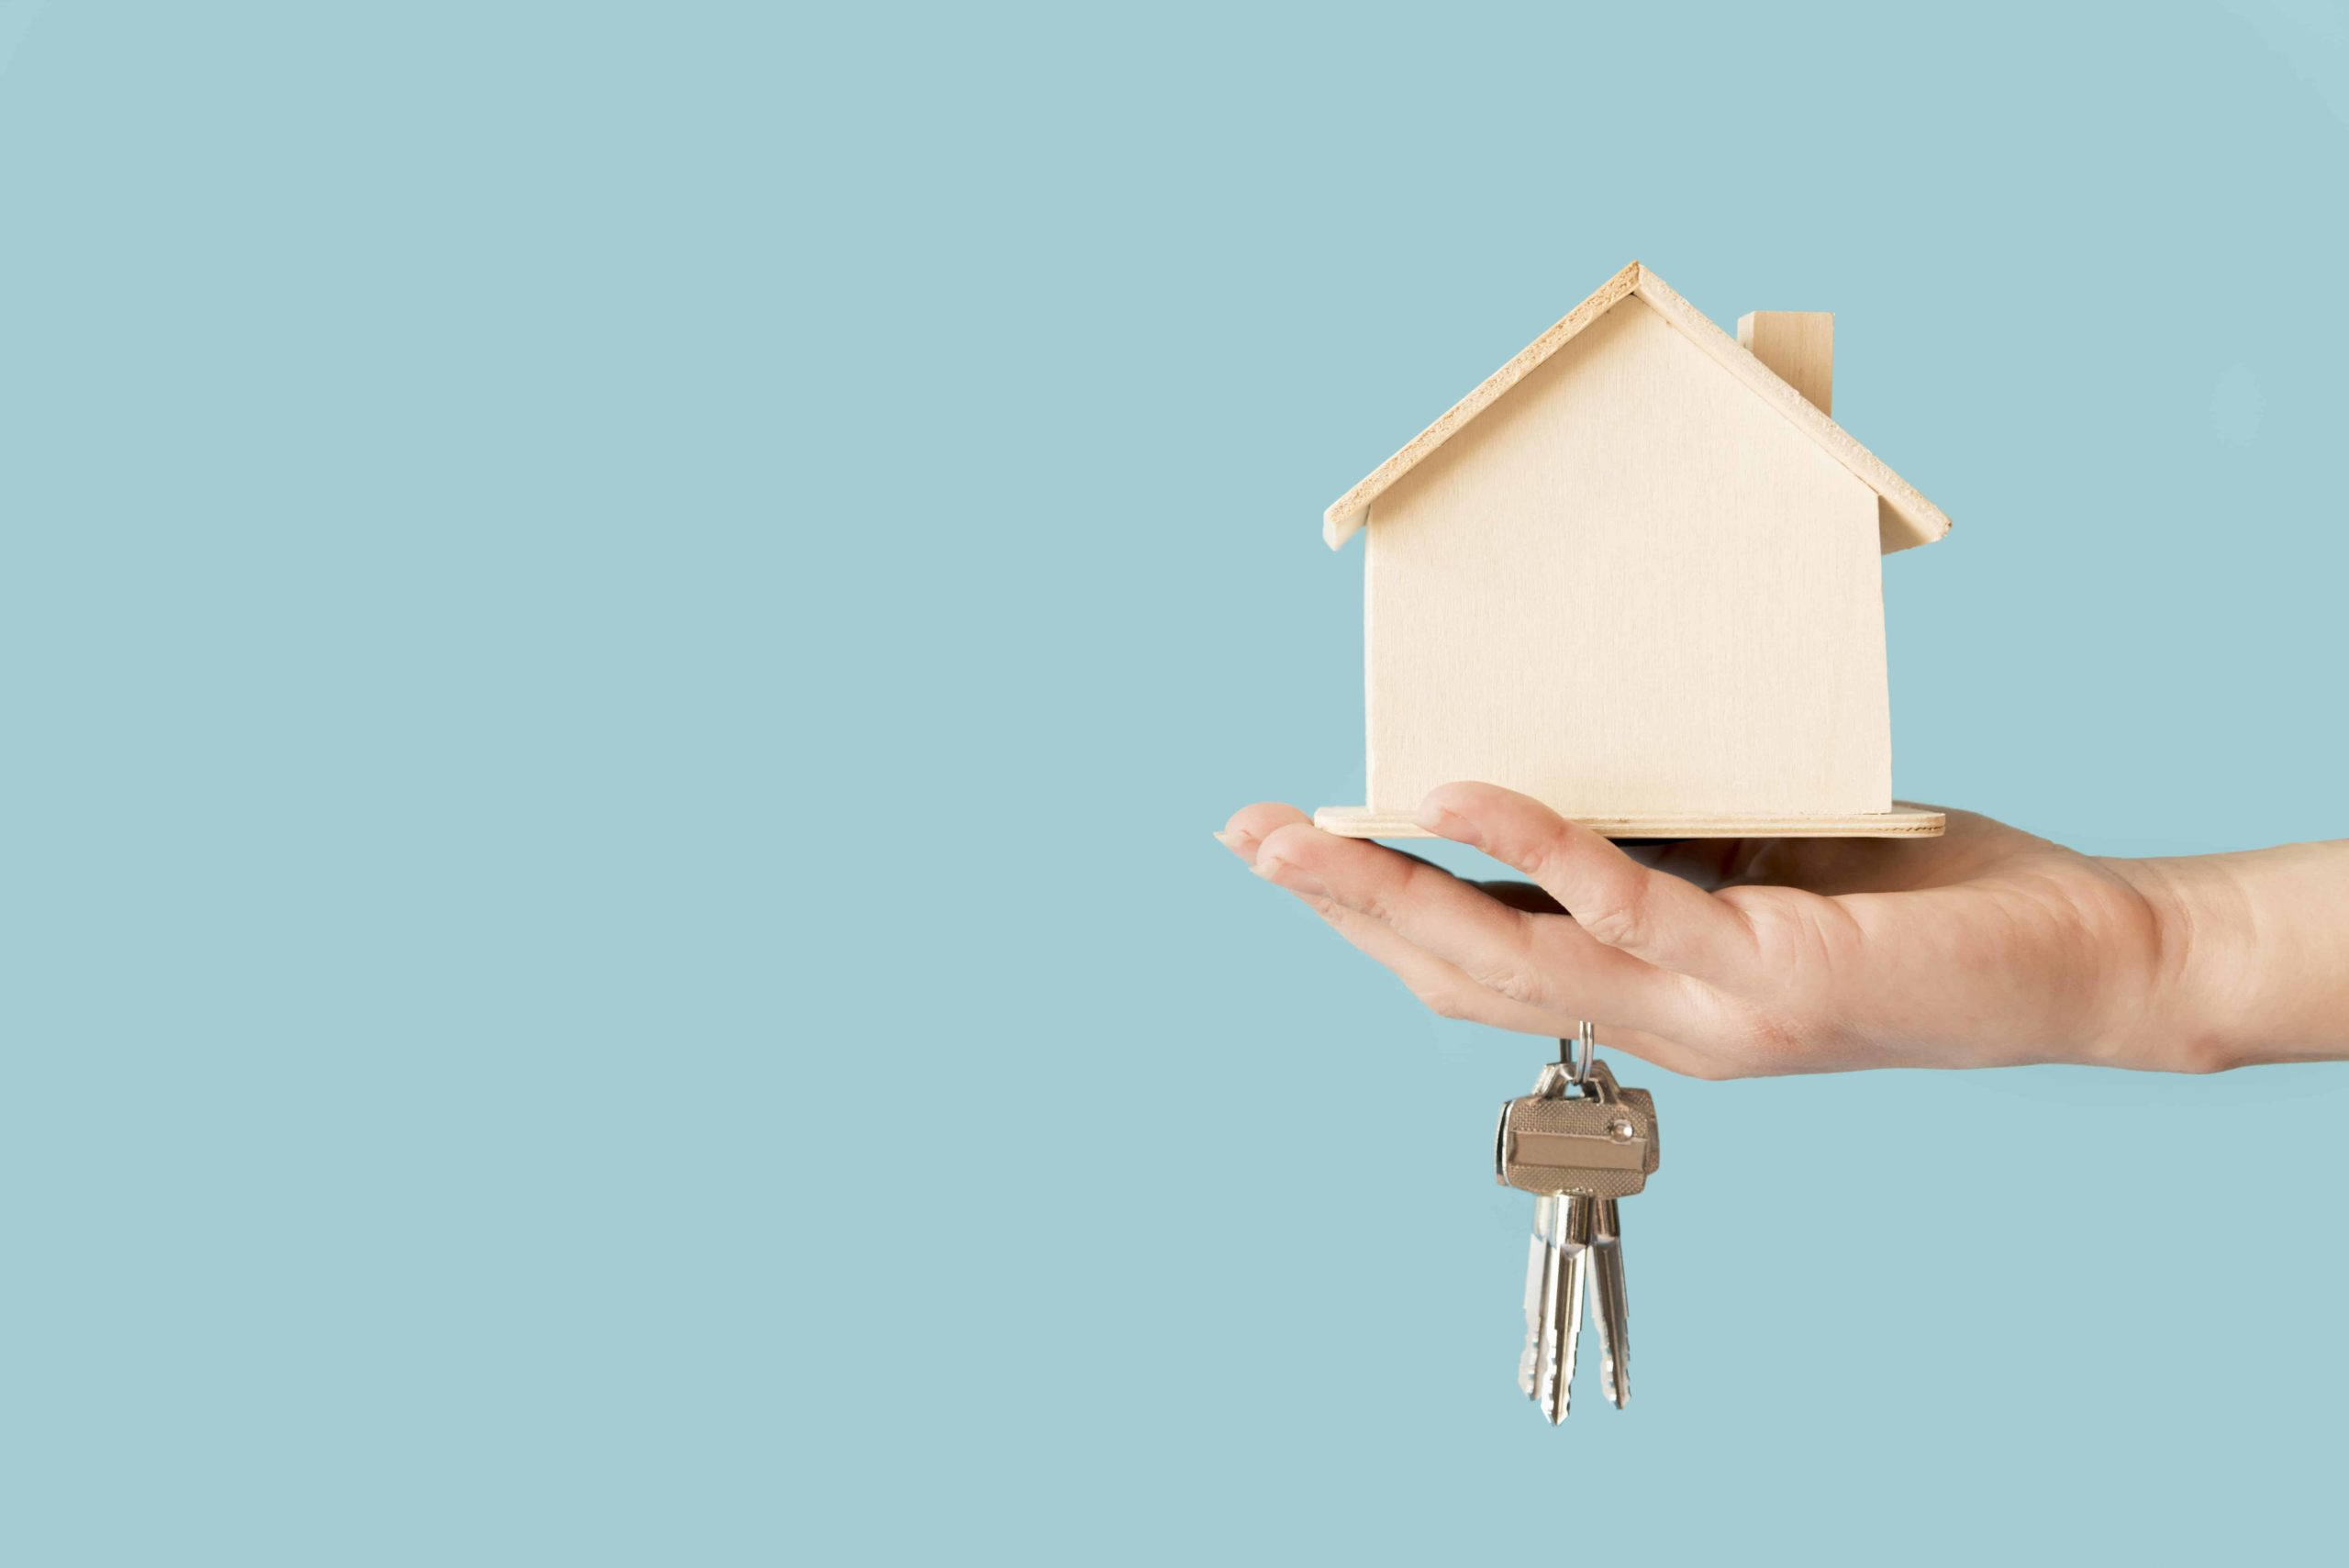 Louer ou acheter un terrain pour installer une tiny house